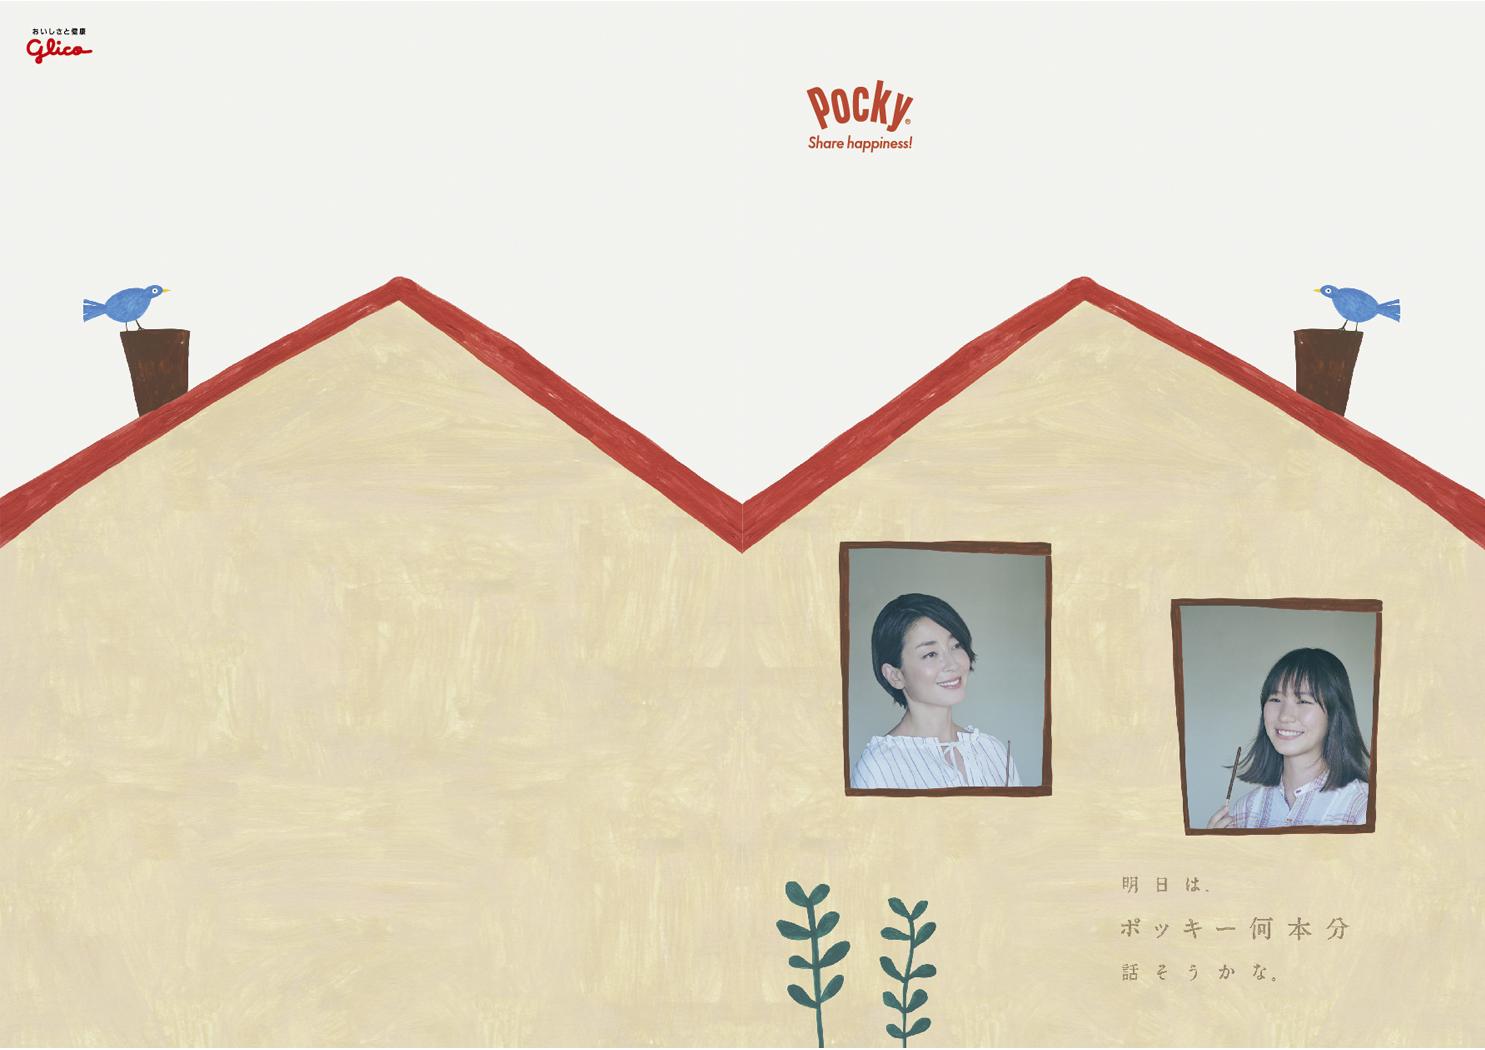 glico Pocky debut clearfile